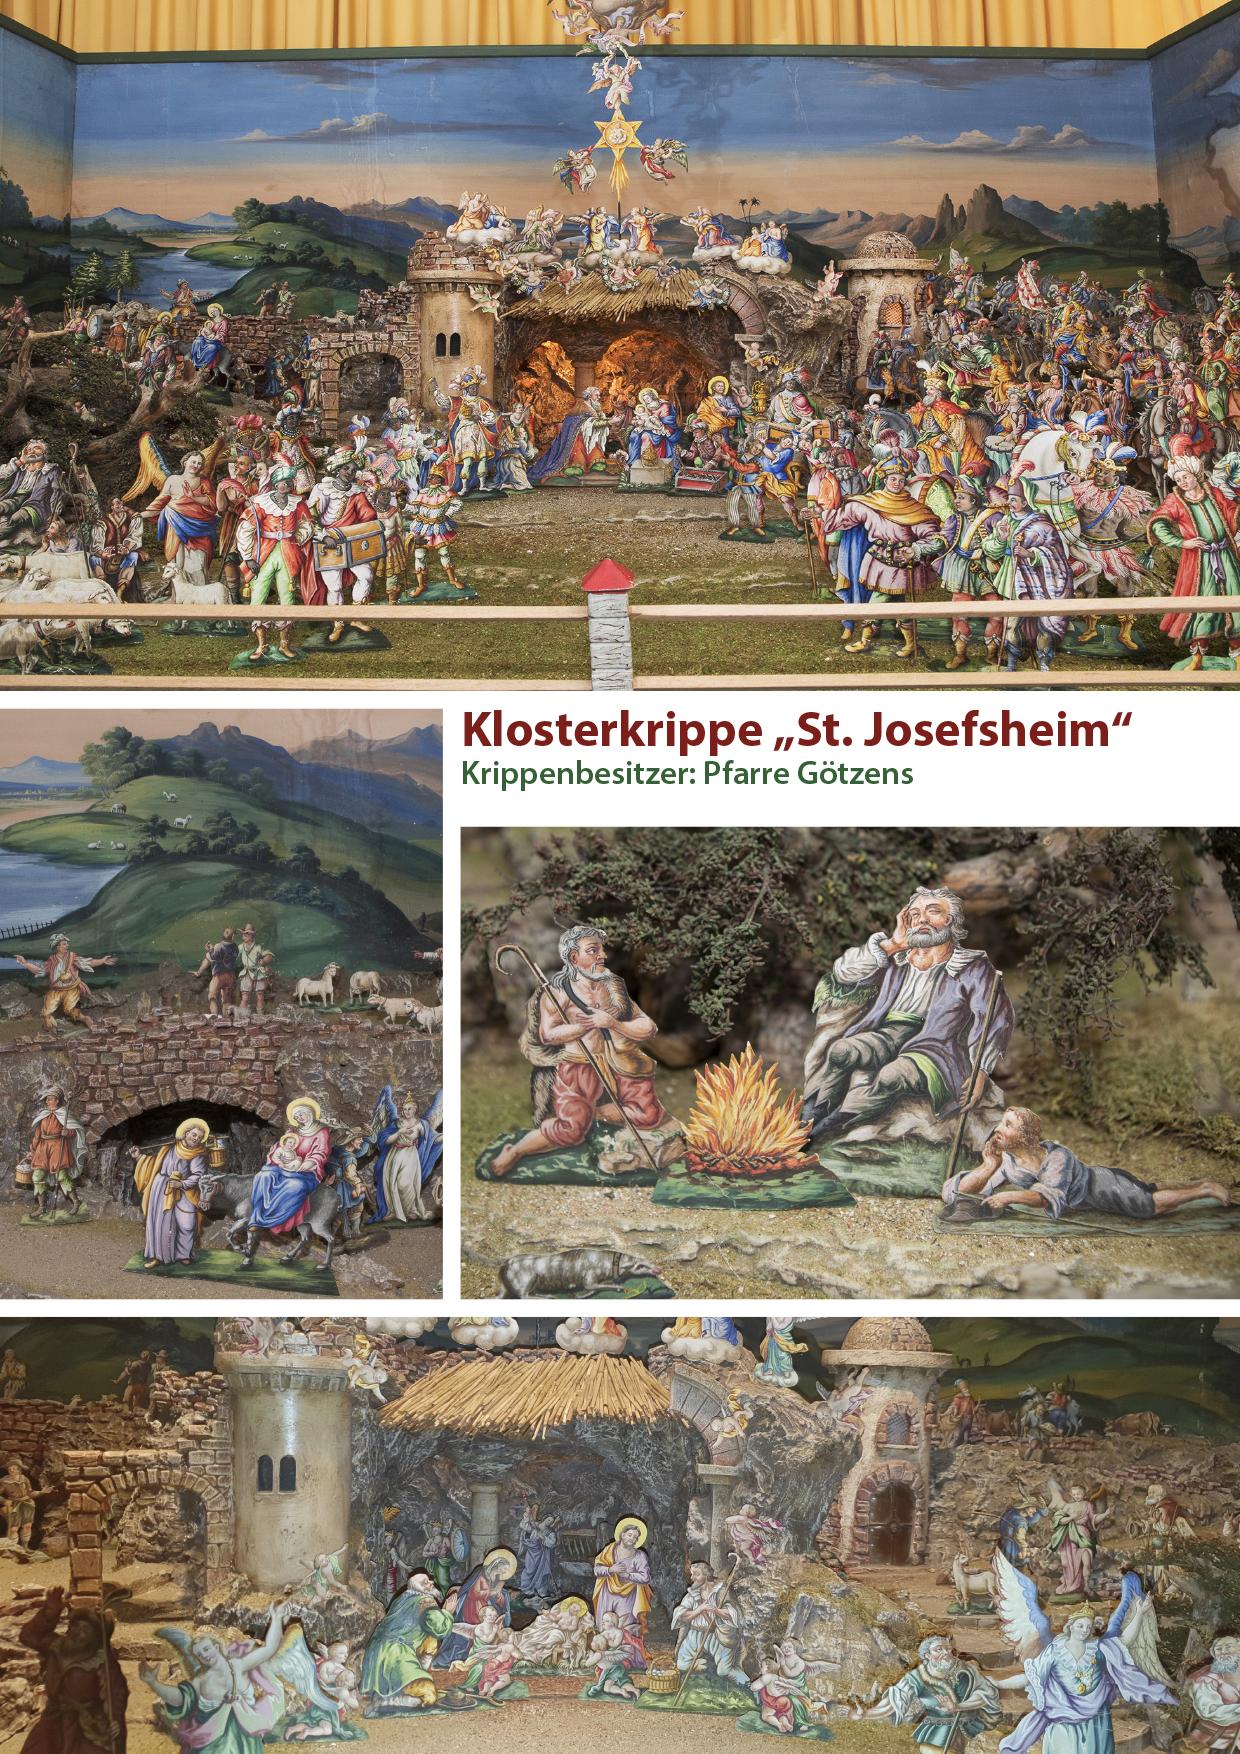 Klosterkrippe - St. Josefsheim